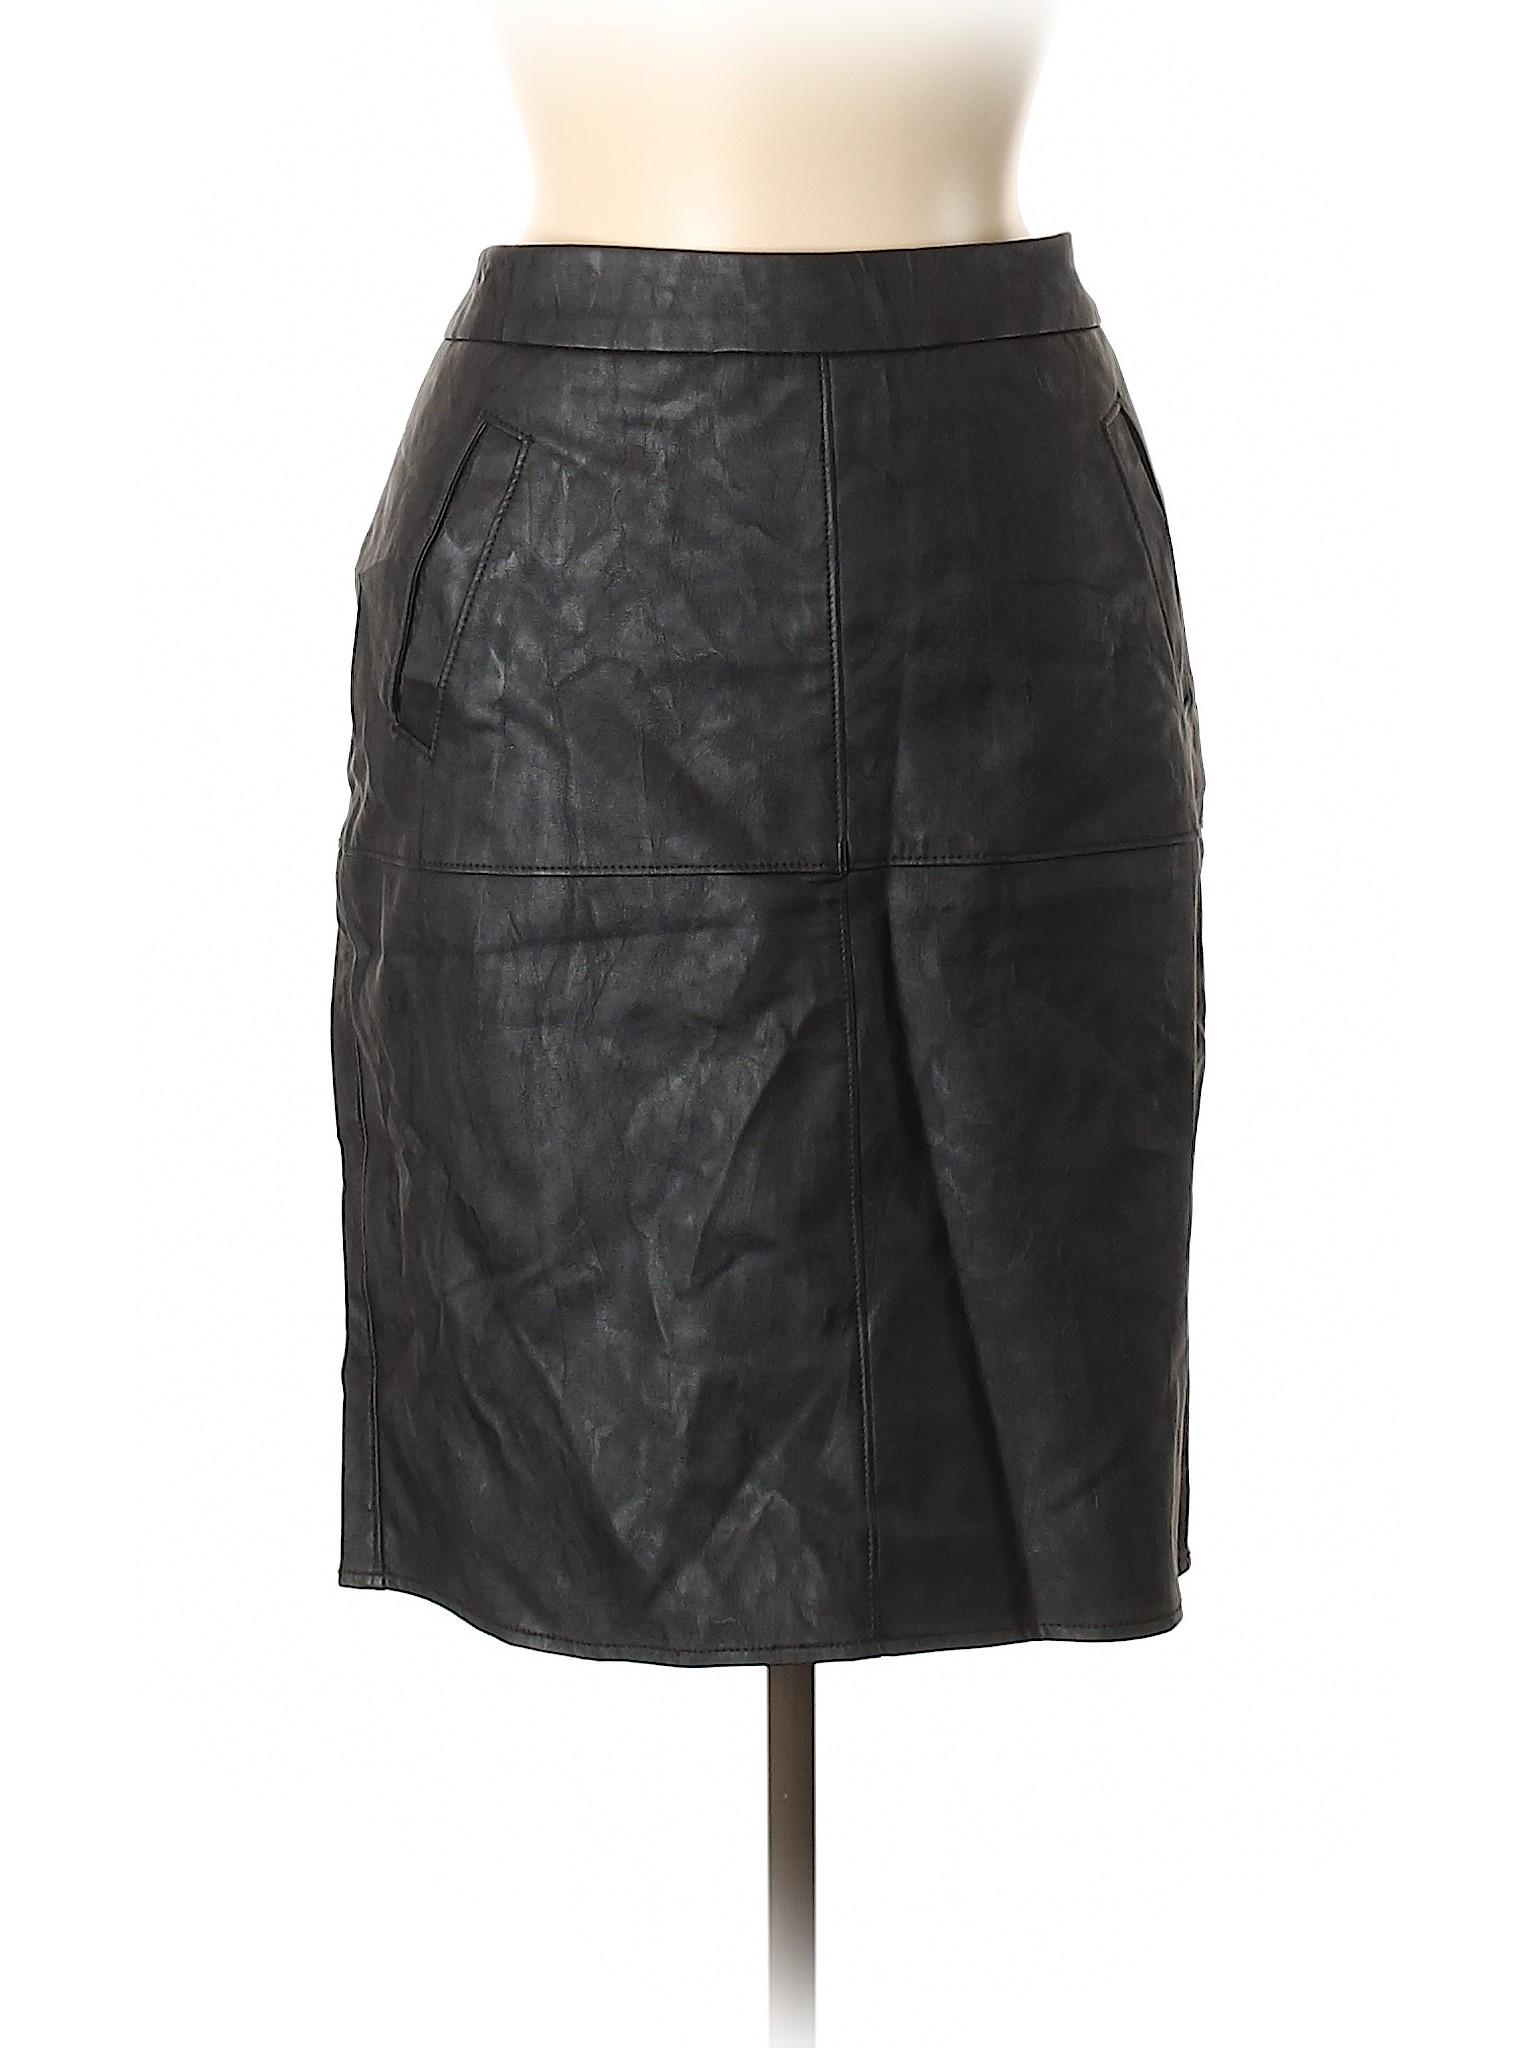 Boutique CAbi Faux Boutique CAbi Leather Skirt fSgqfxw8r